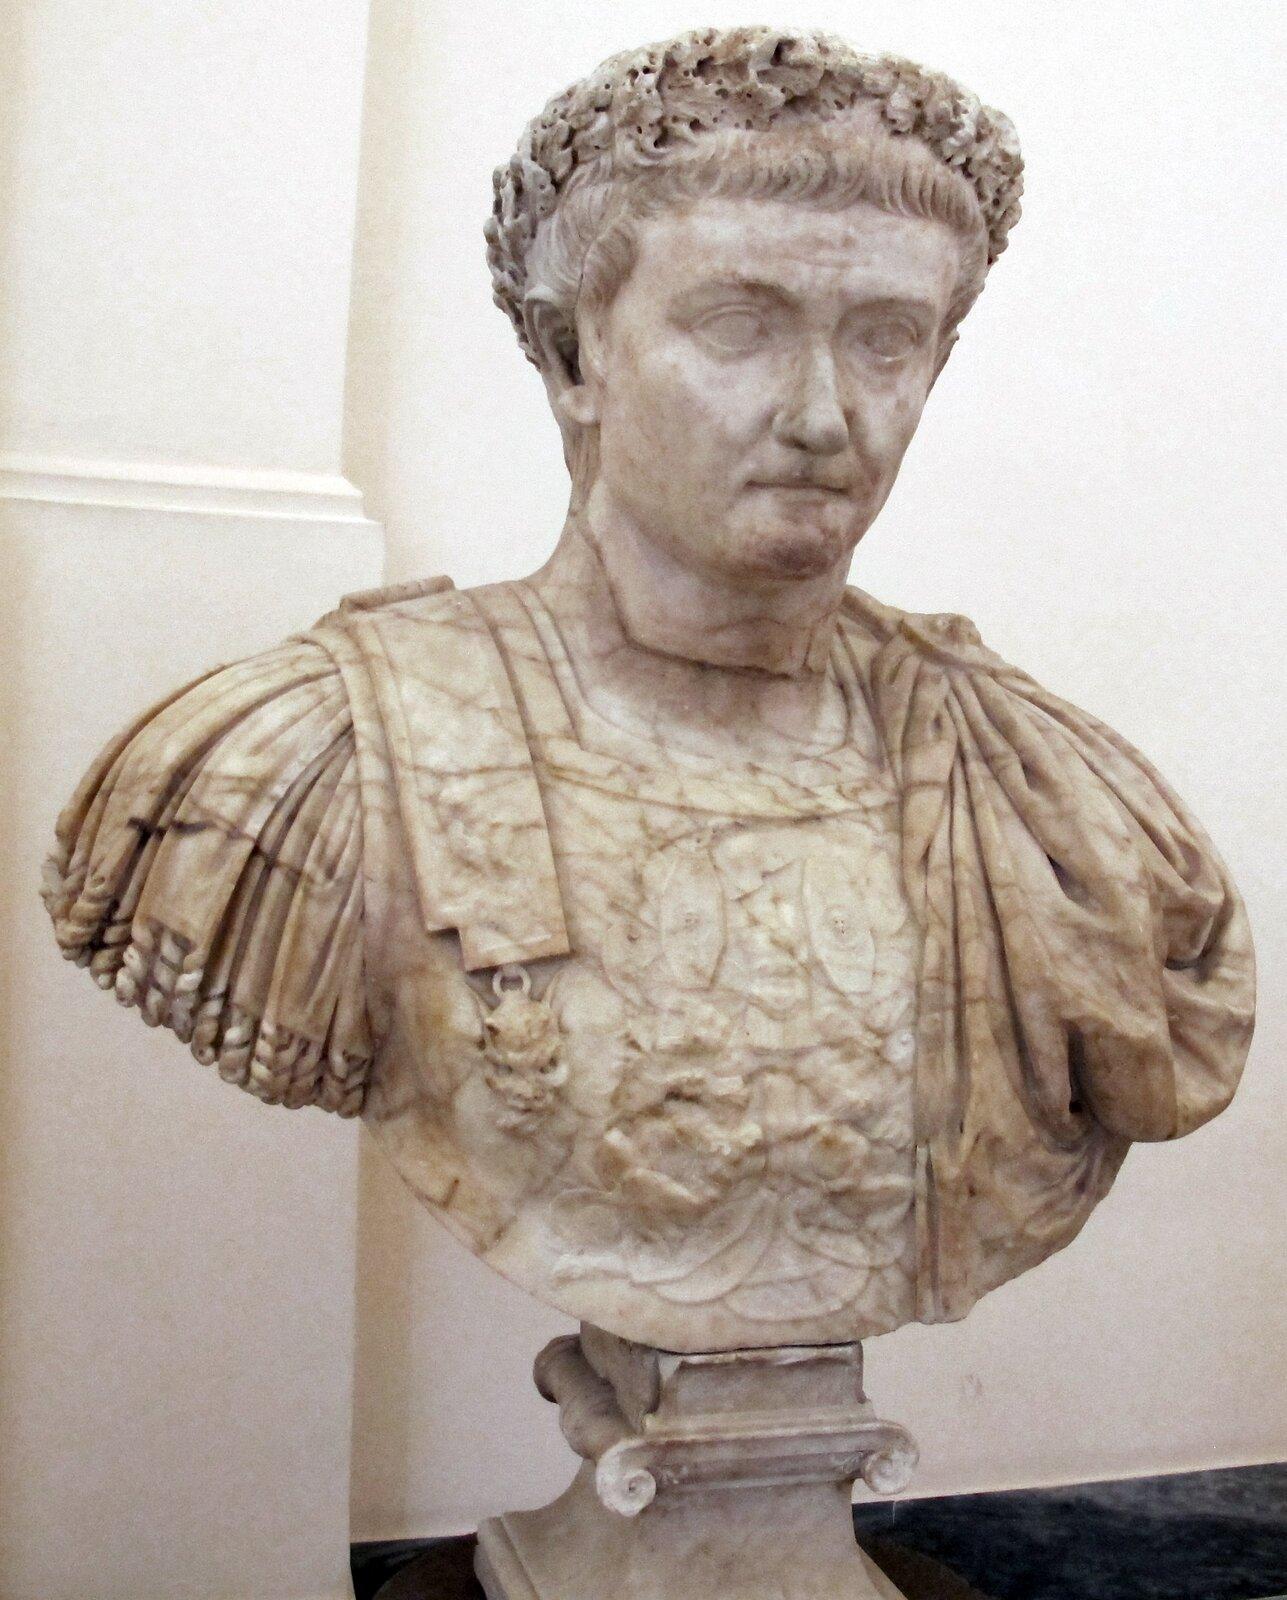 Ilustracja przedstawia marmurowe popiersie cesarza Tyberiusza. Władca ukazany jest jako młody człowiek. Ma krótkie ufryzowane włosy idrobne usta. Na szatę założoną ma bogato rzeźbioną zbroję. Popiersie przedstawione jest bez rąk. Jest ustawione na cokole wformie głowicy kolumny jońskiej.